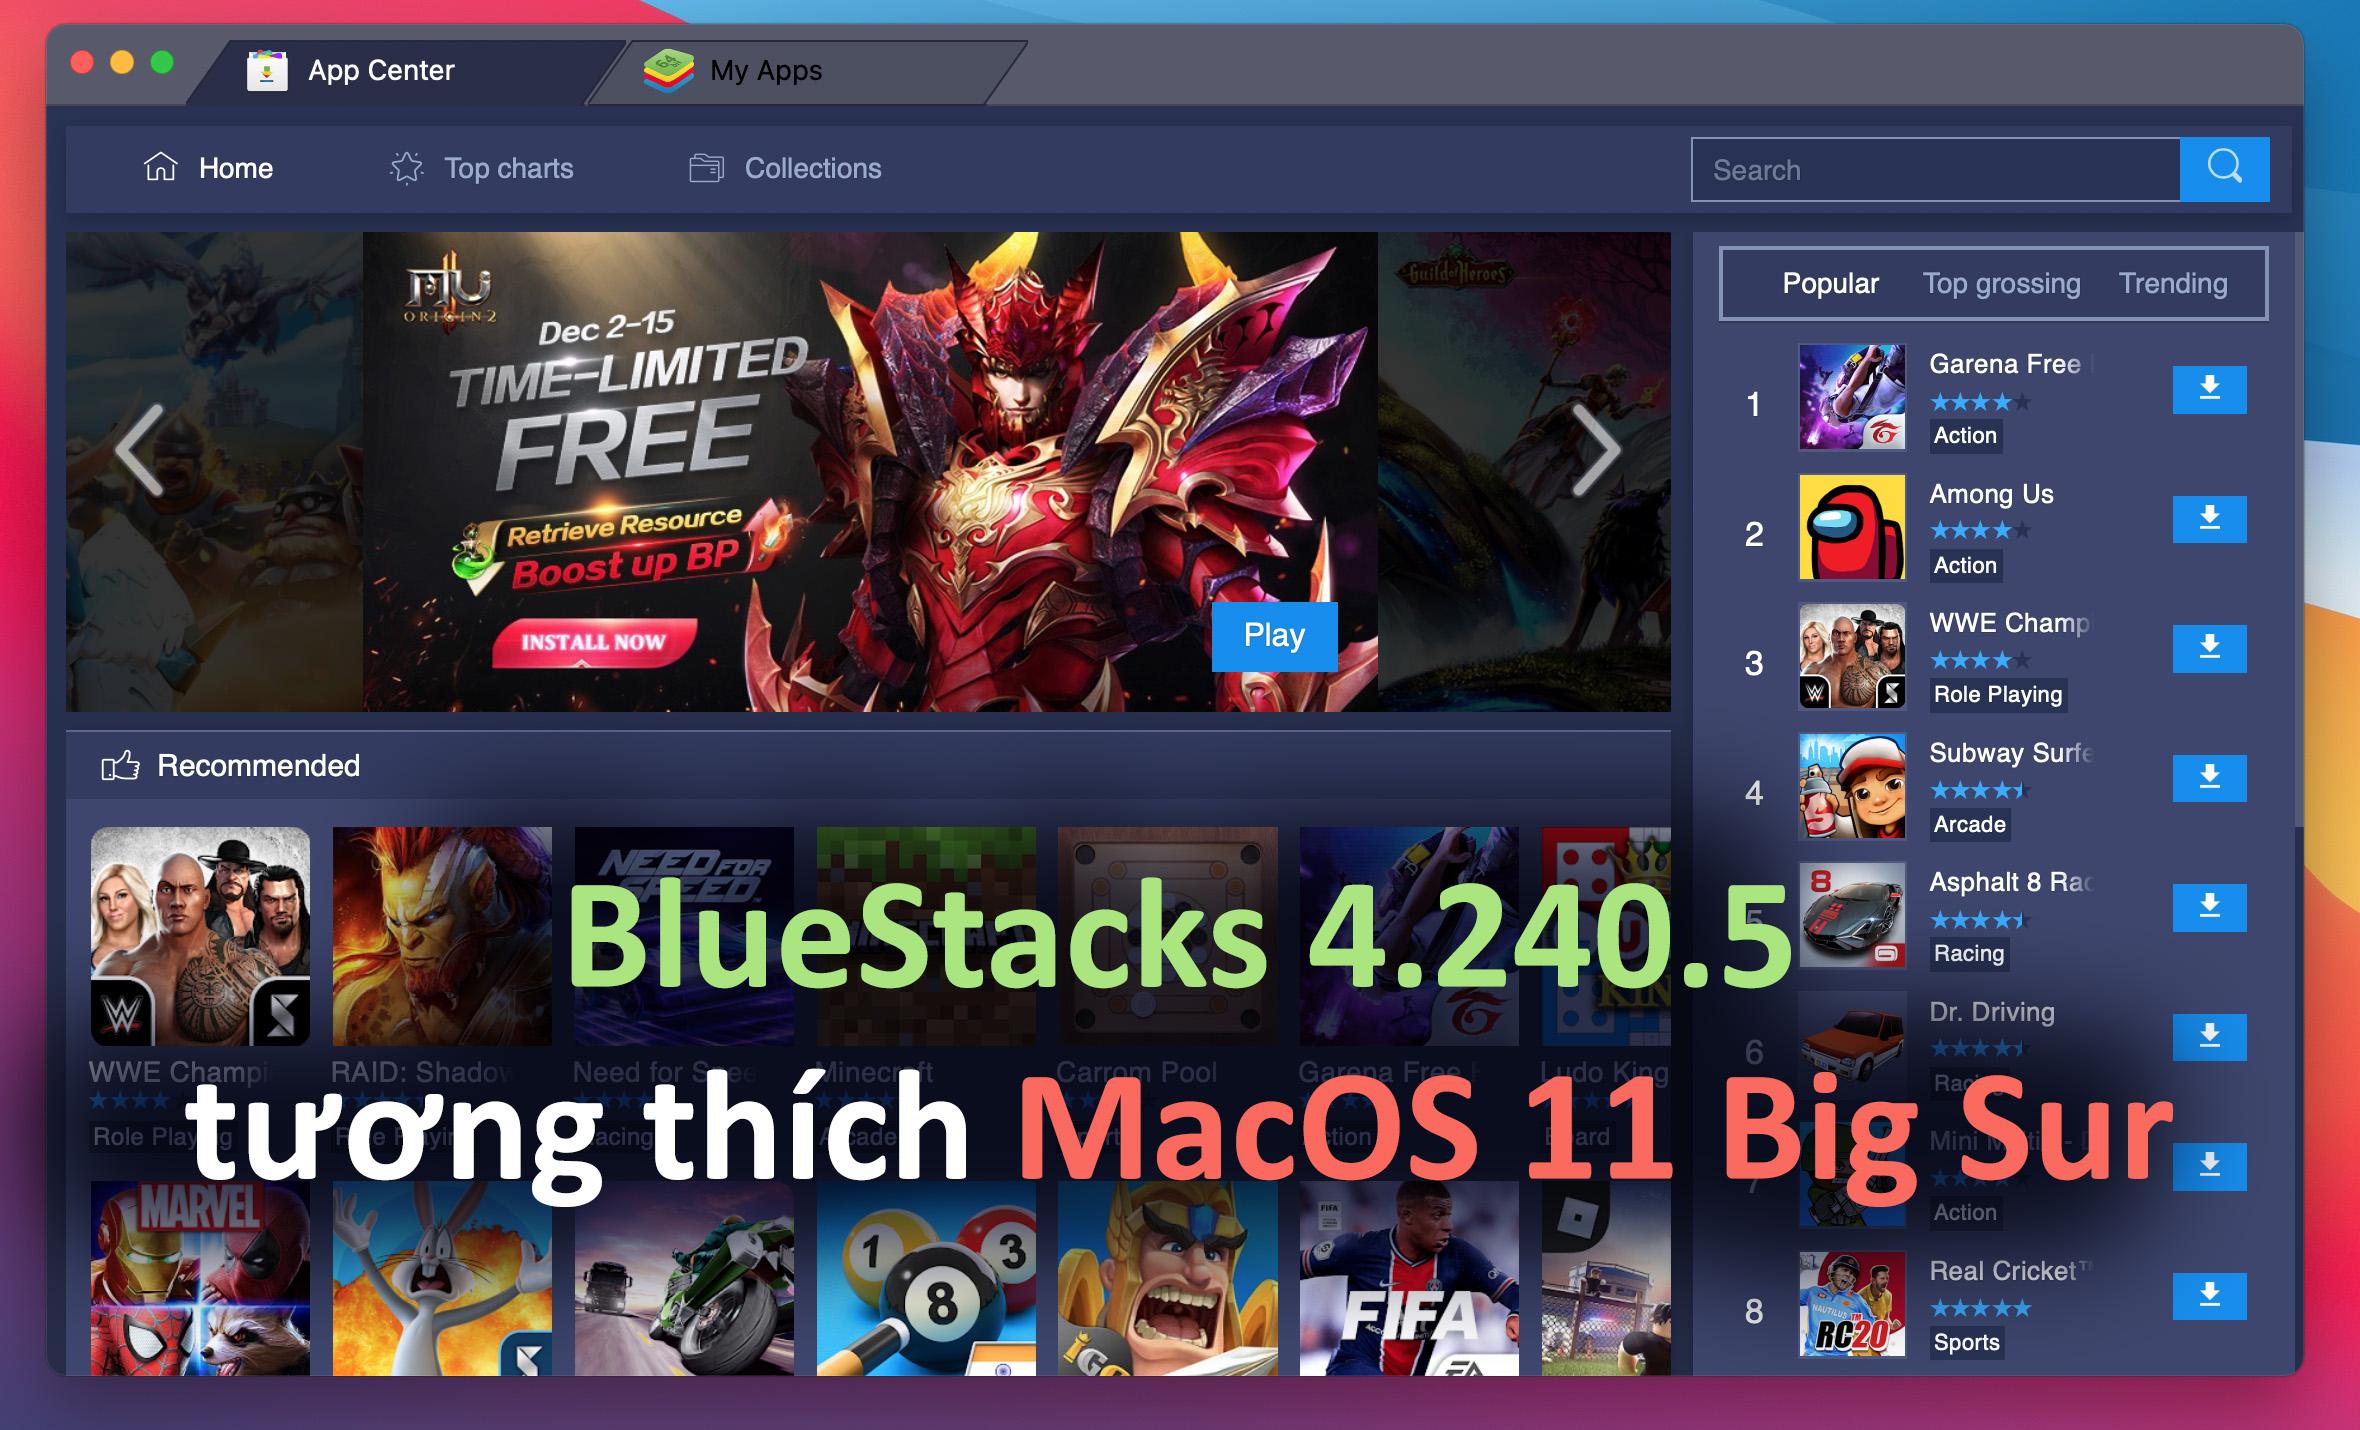 BlueStacks 4.240.5 tương thích hoàn toàn với MacOS 11 Big Sur